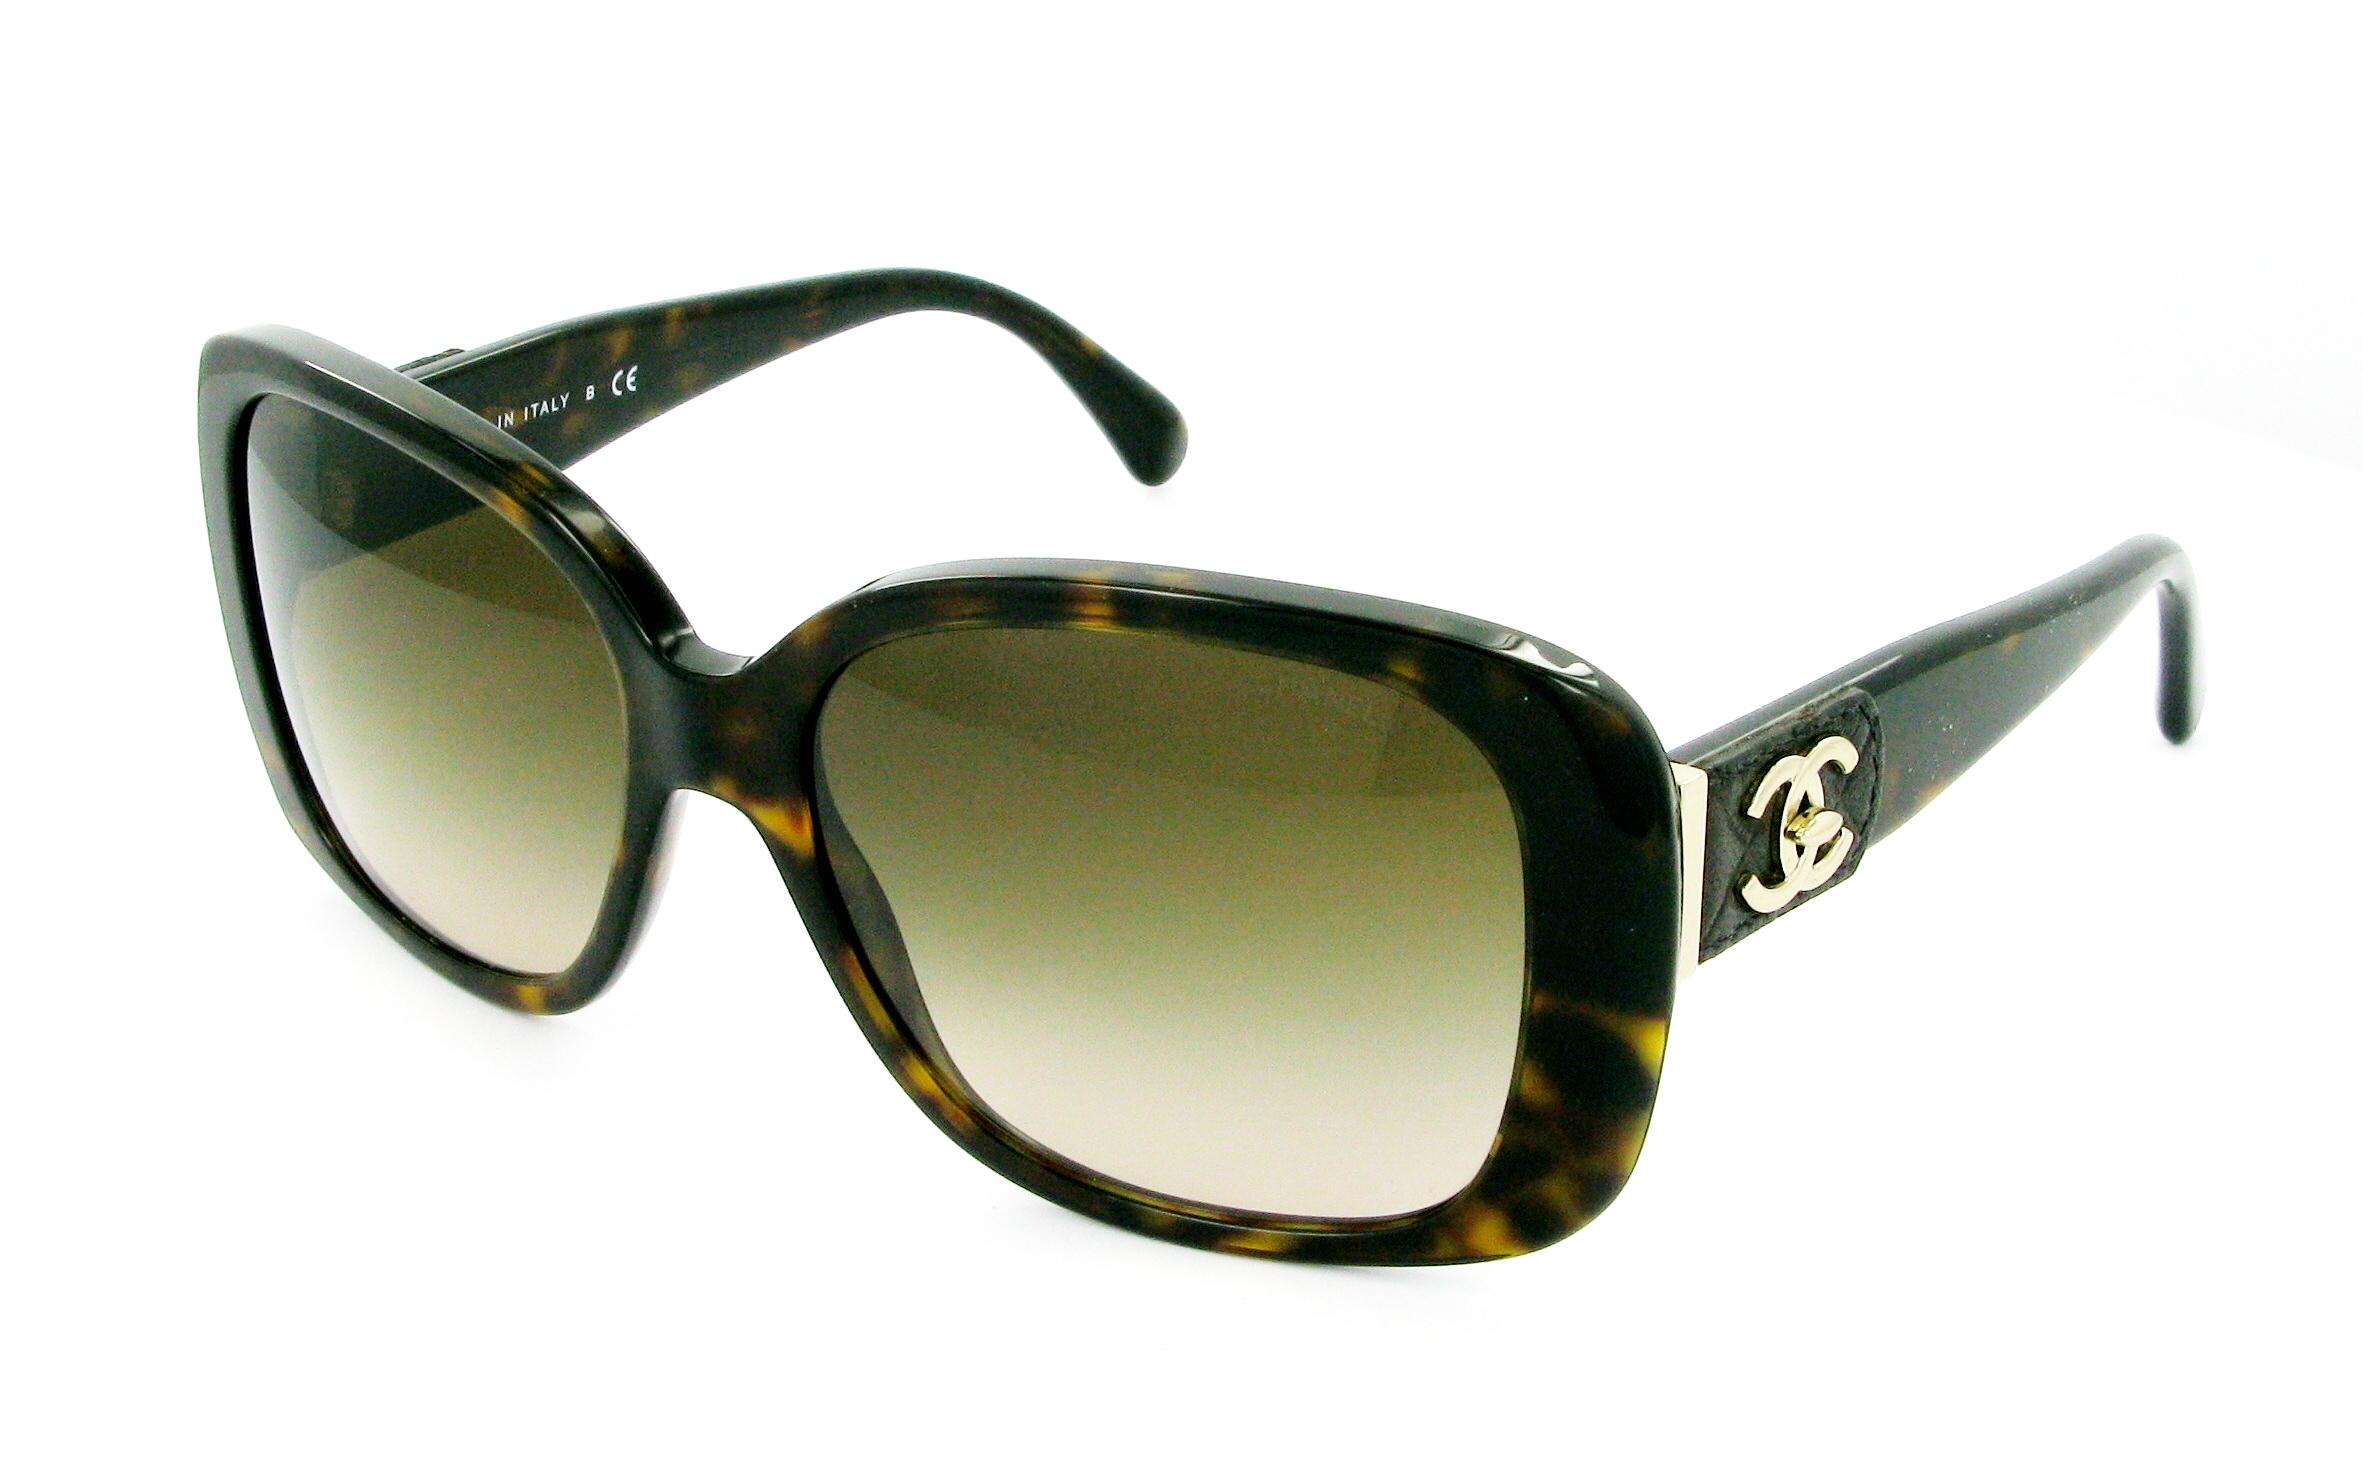 lunettes de soleil pour femme chanel louisiana bucket brigade. Black Bedroom Furniture Sets. Home Design Ideas